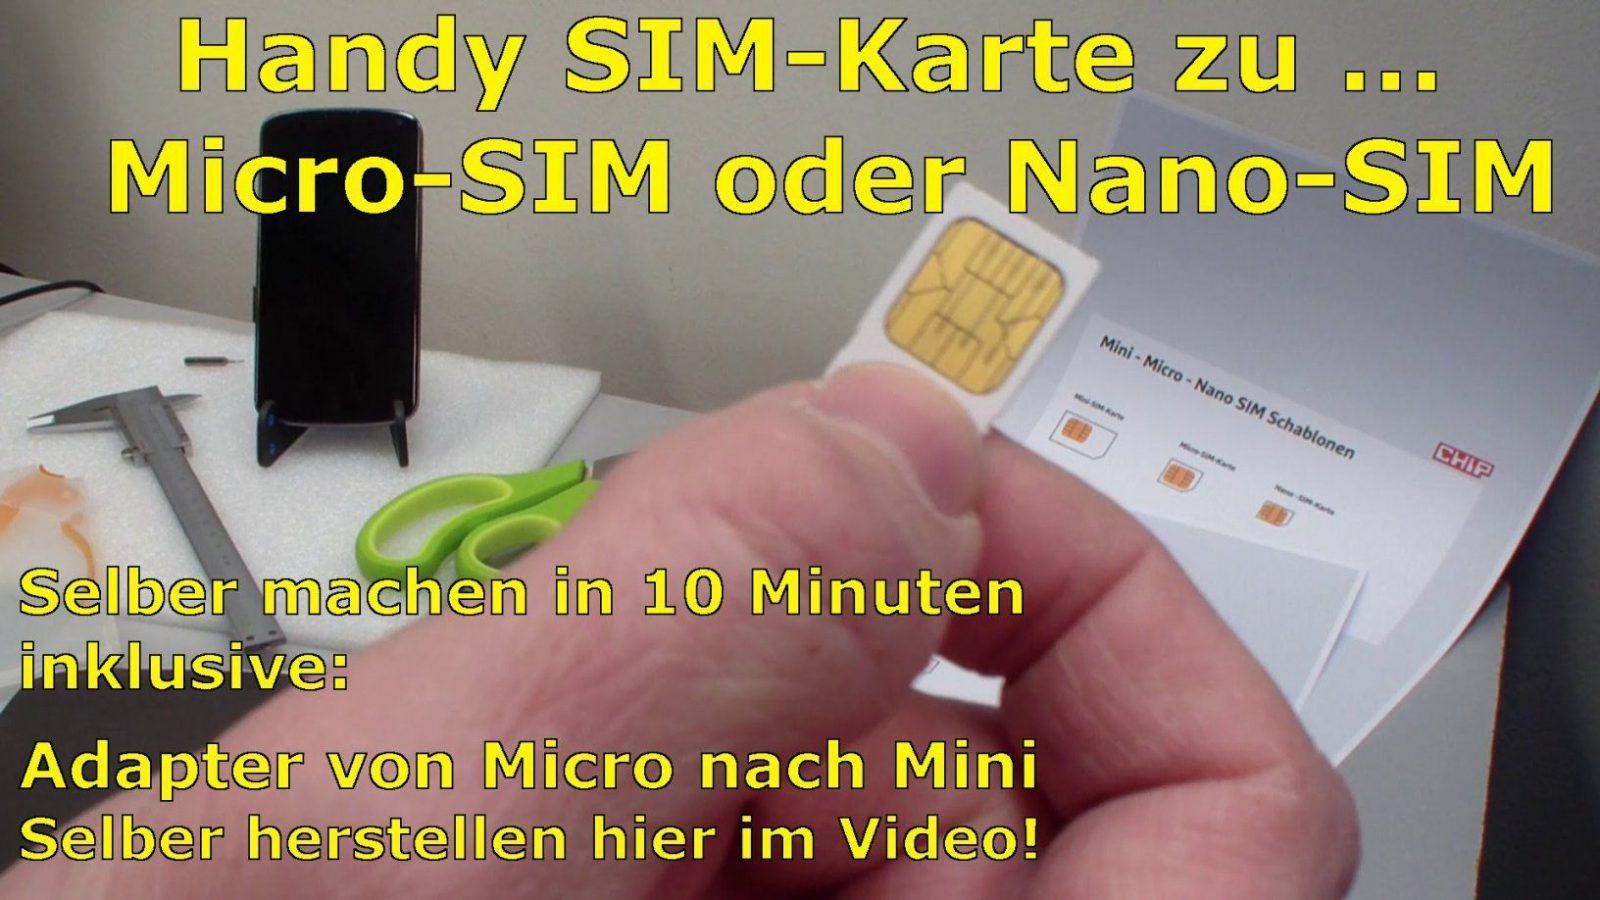 Handy Simkarte Zu Micro  Nano Zuschneiden Und Minisimadapter von Nano Sim Auf Micro Sim Adapter Selber Bauen Photo